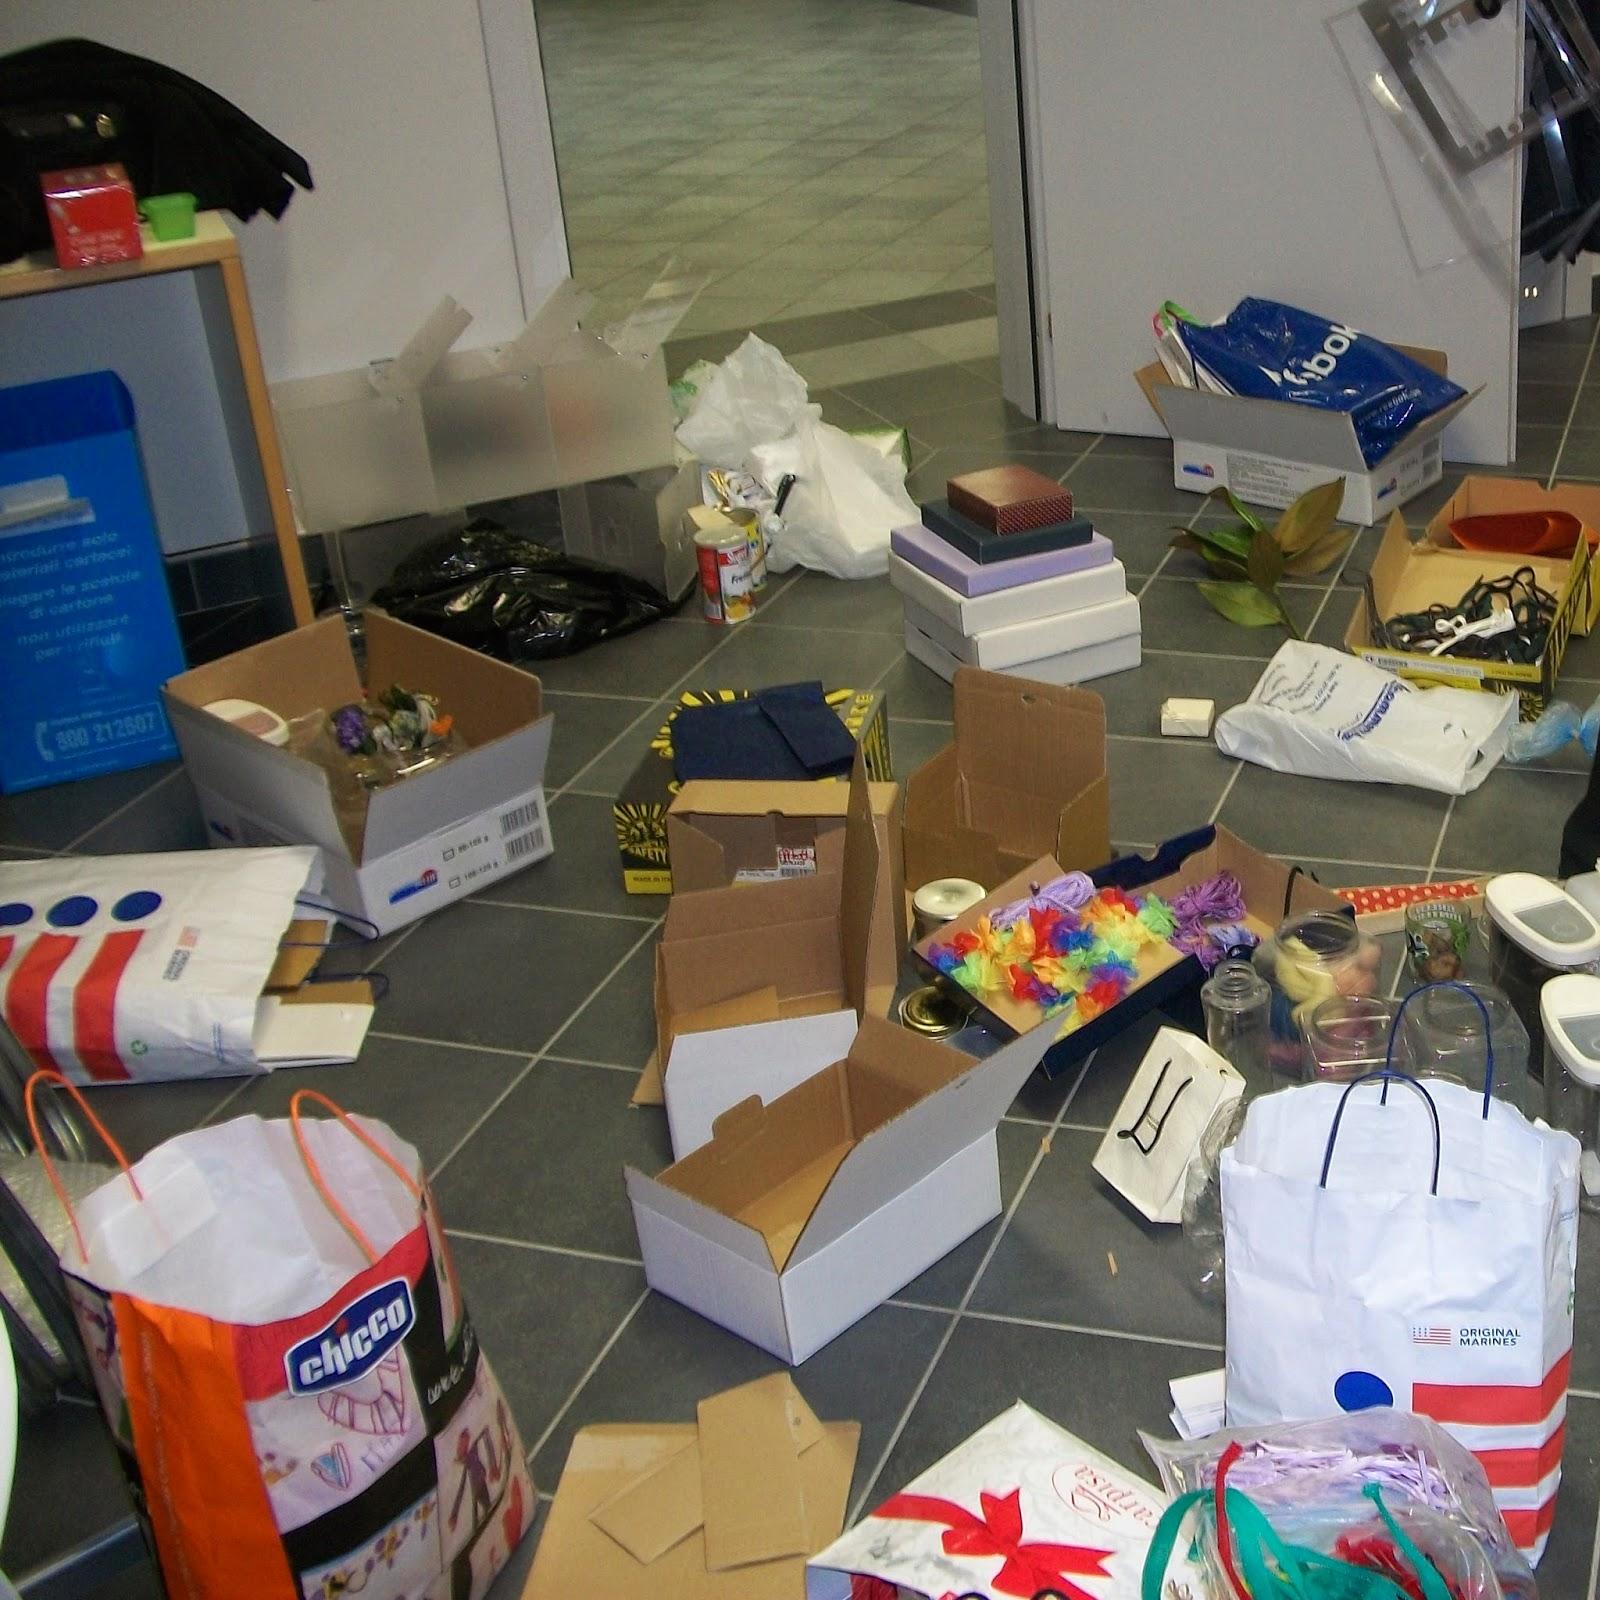 Organizzare lo spazio e arredare con materiali riciclati - Foto 7